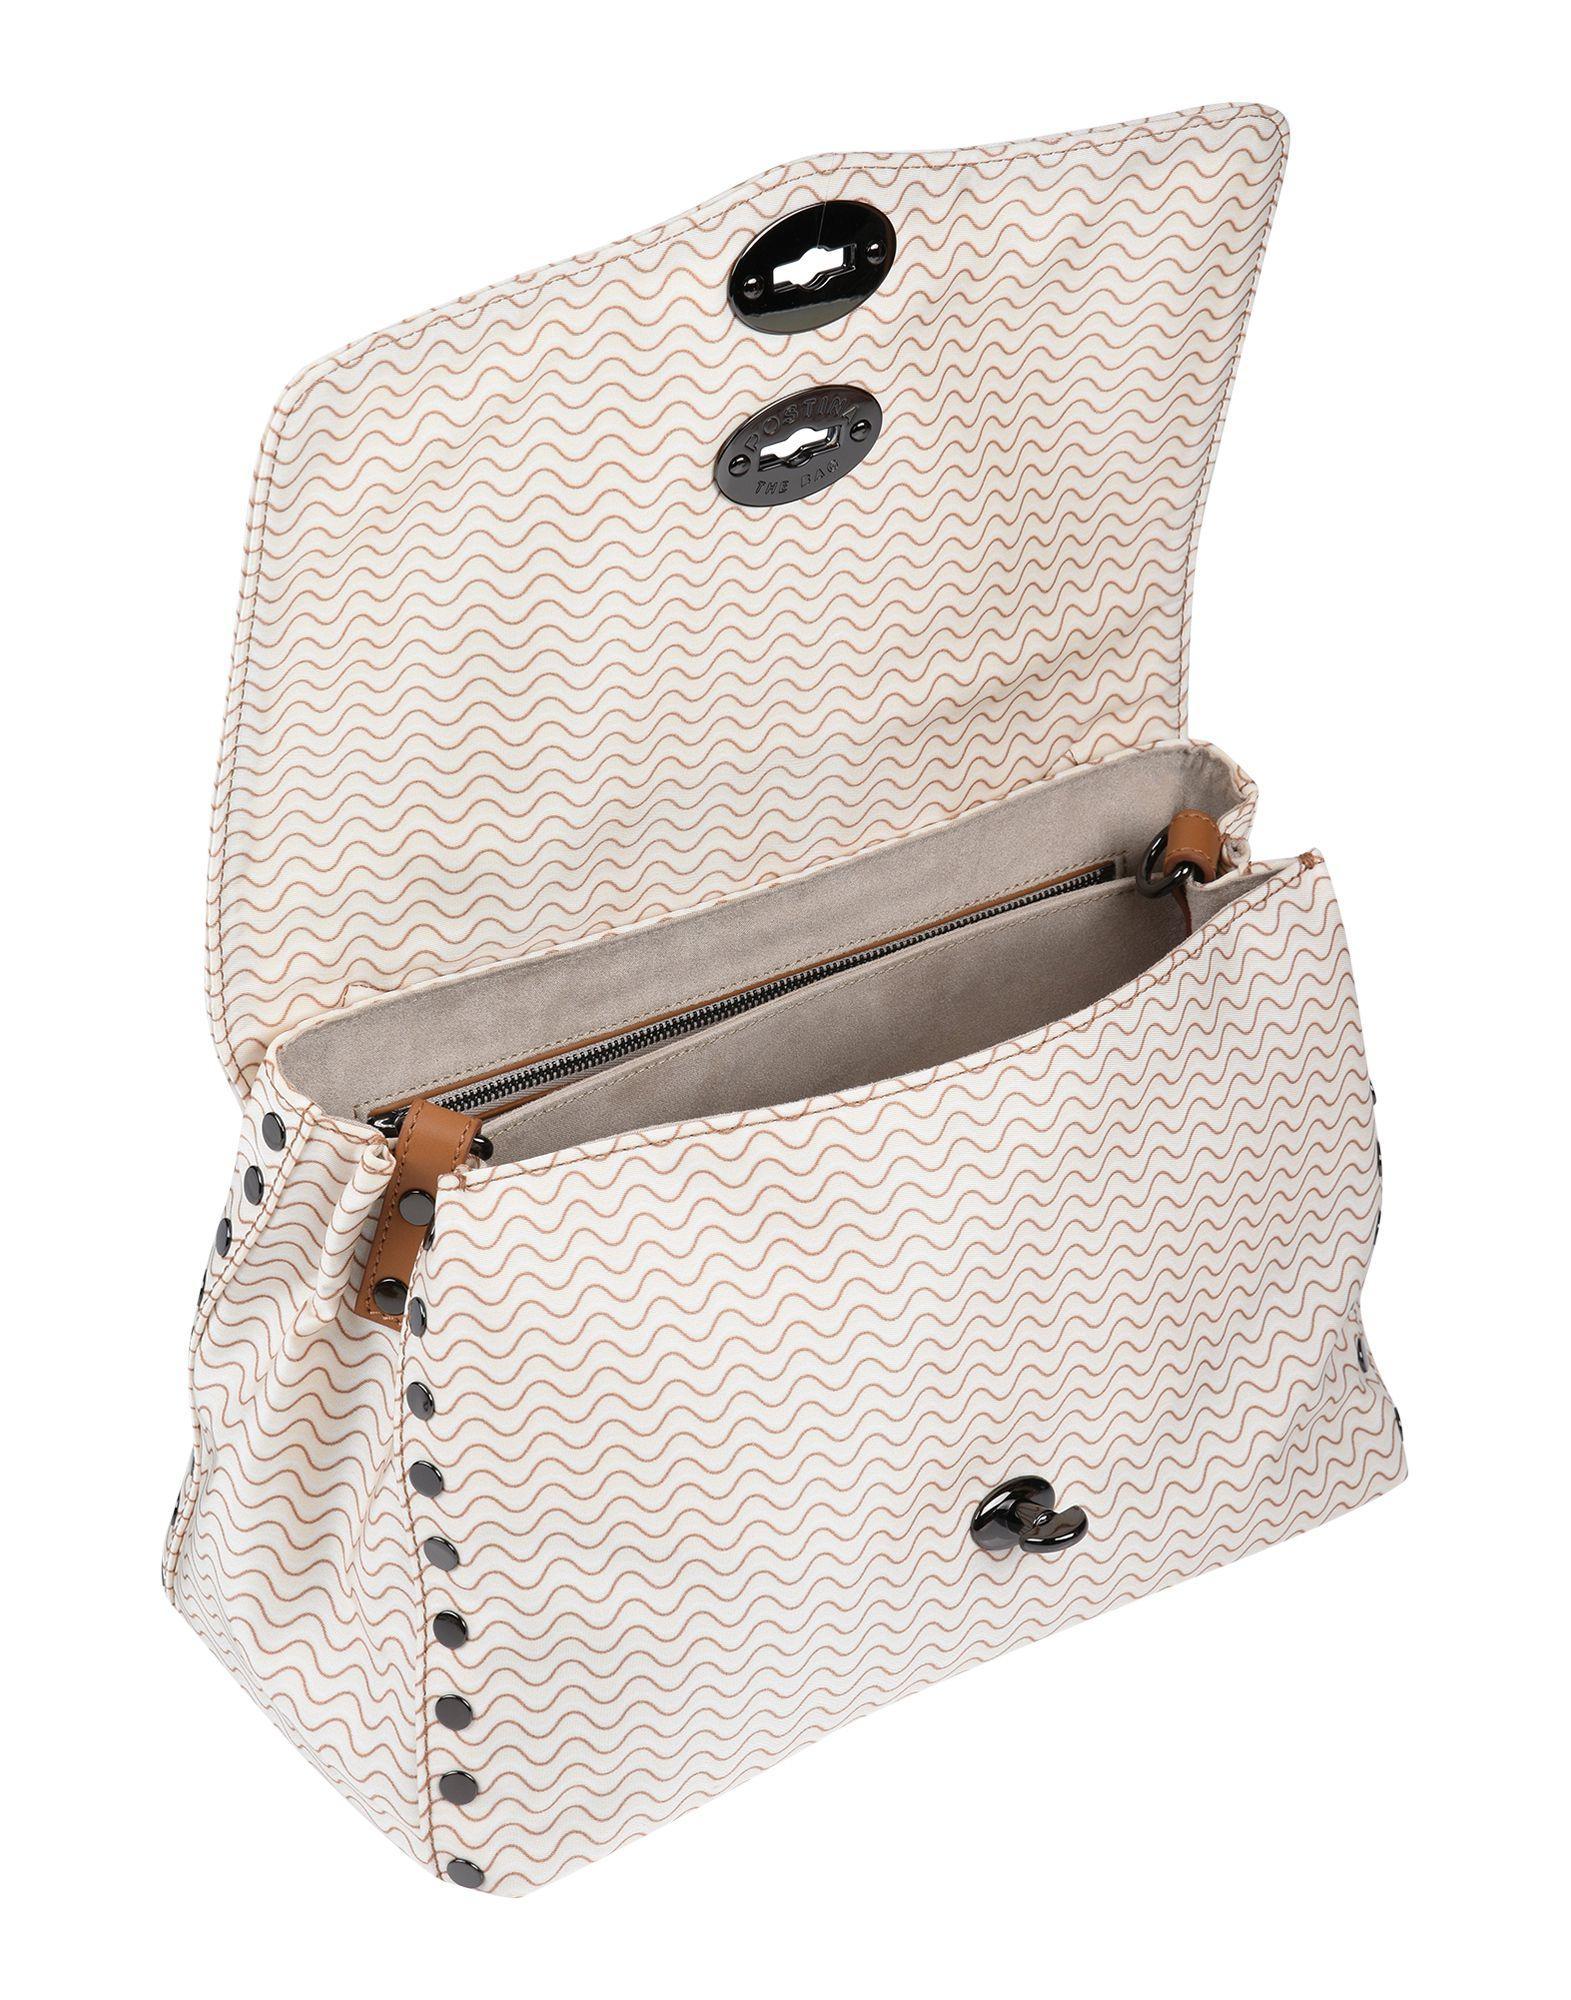 Zanellato Leder Handtaschen in Weiß tRJ6h